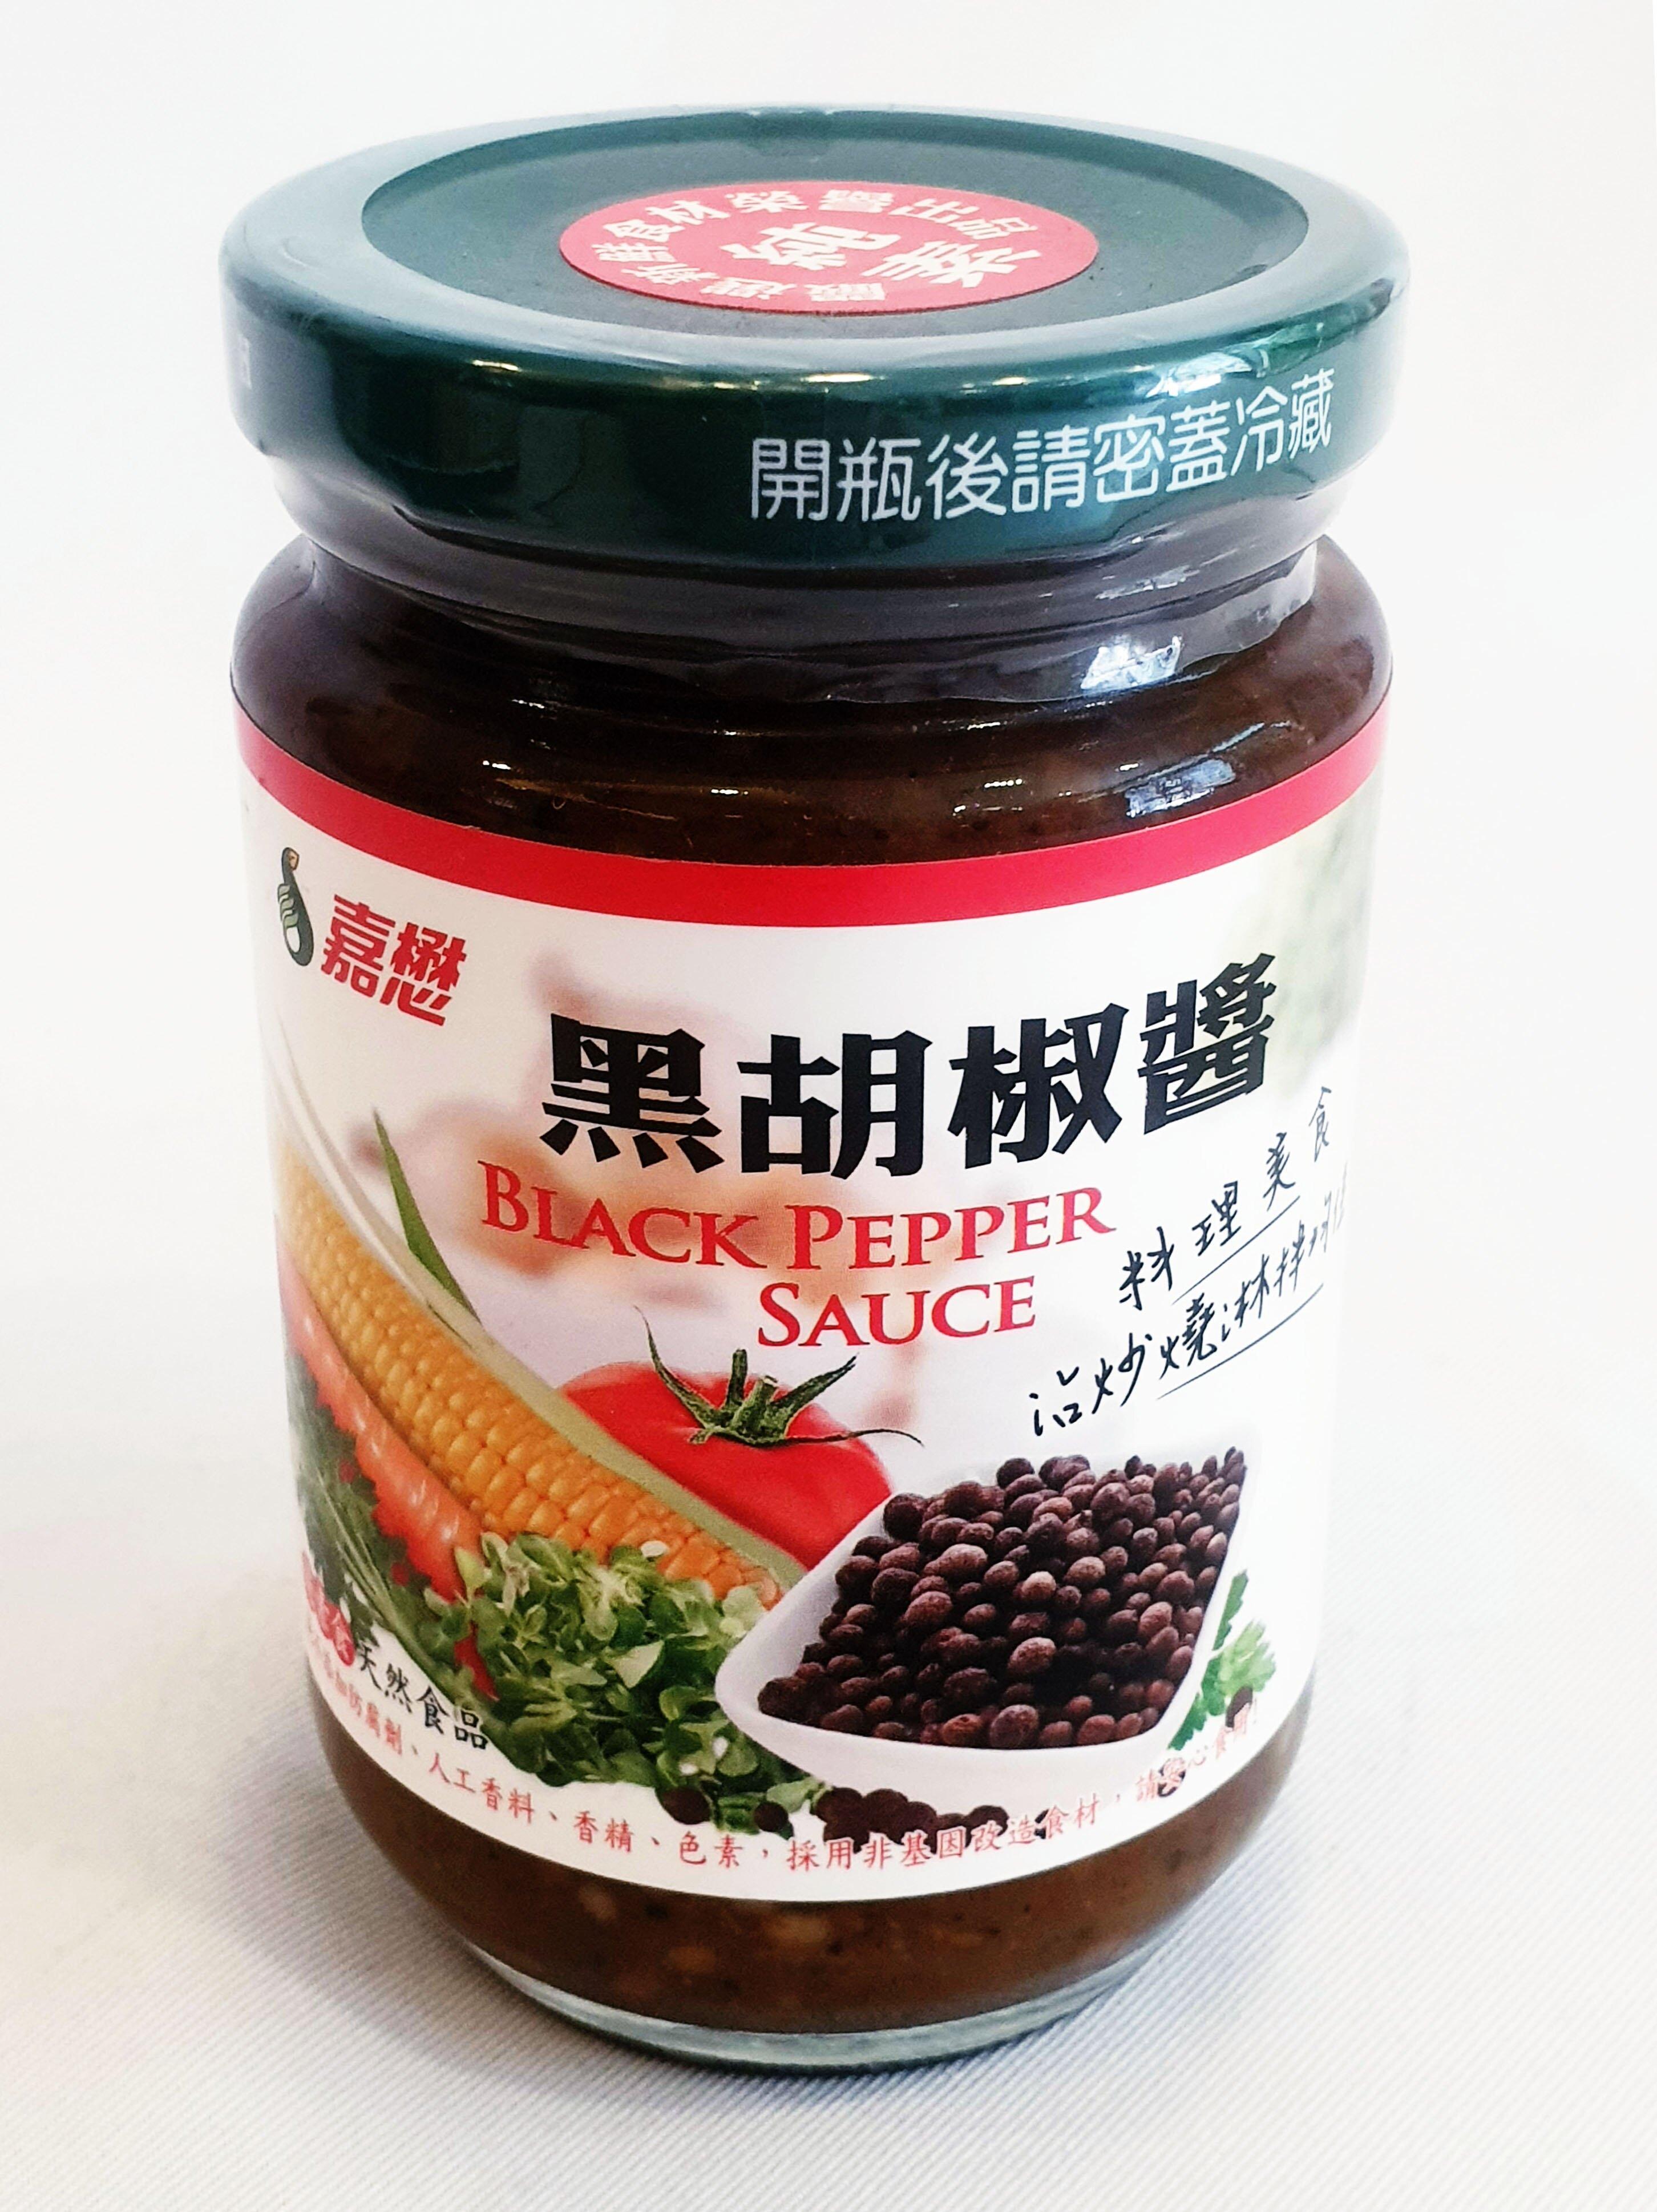 嘉懋食品 蘑菇醬/義大利醬/黑胡椒醬  280公克/罐 純素 (台灣製造)